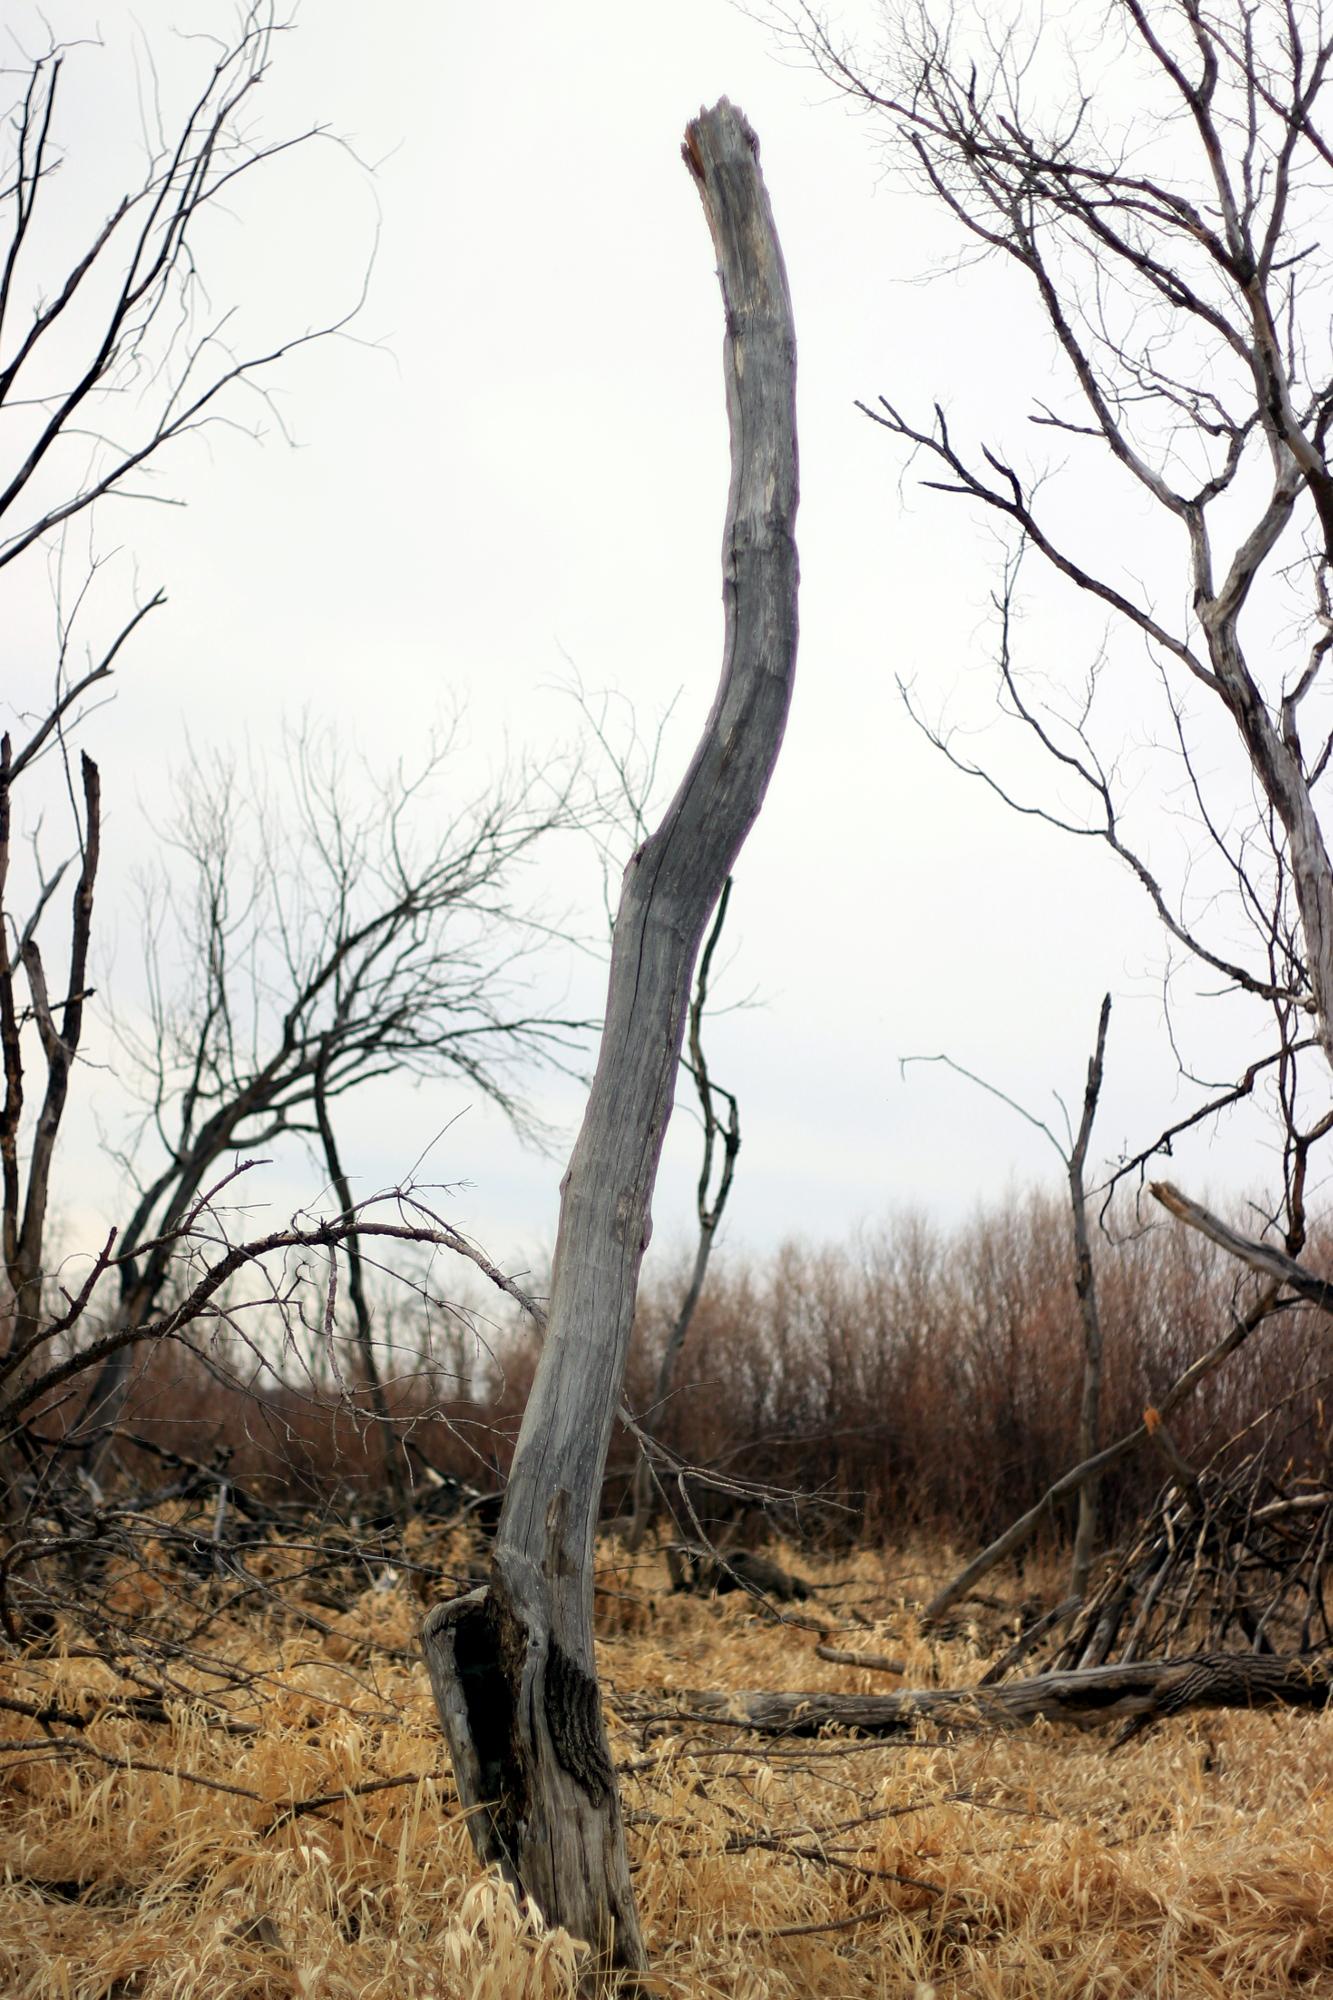 Dead, barren tree